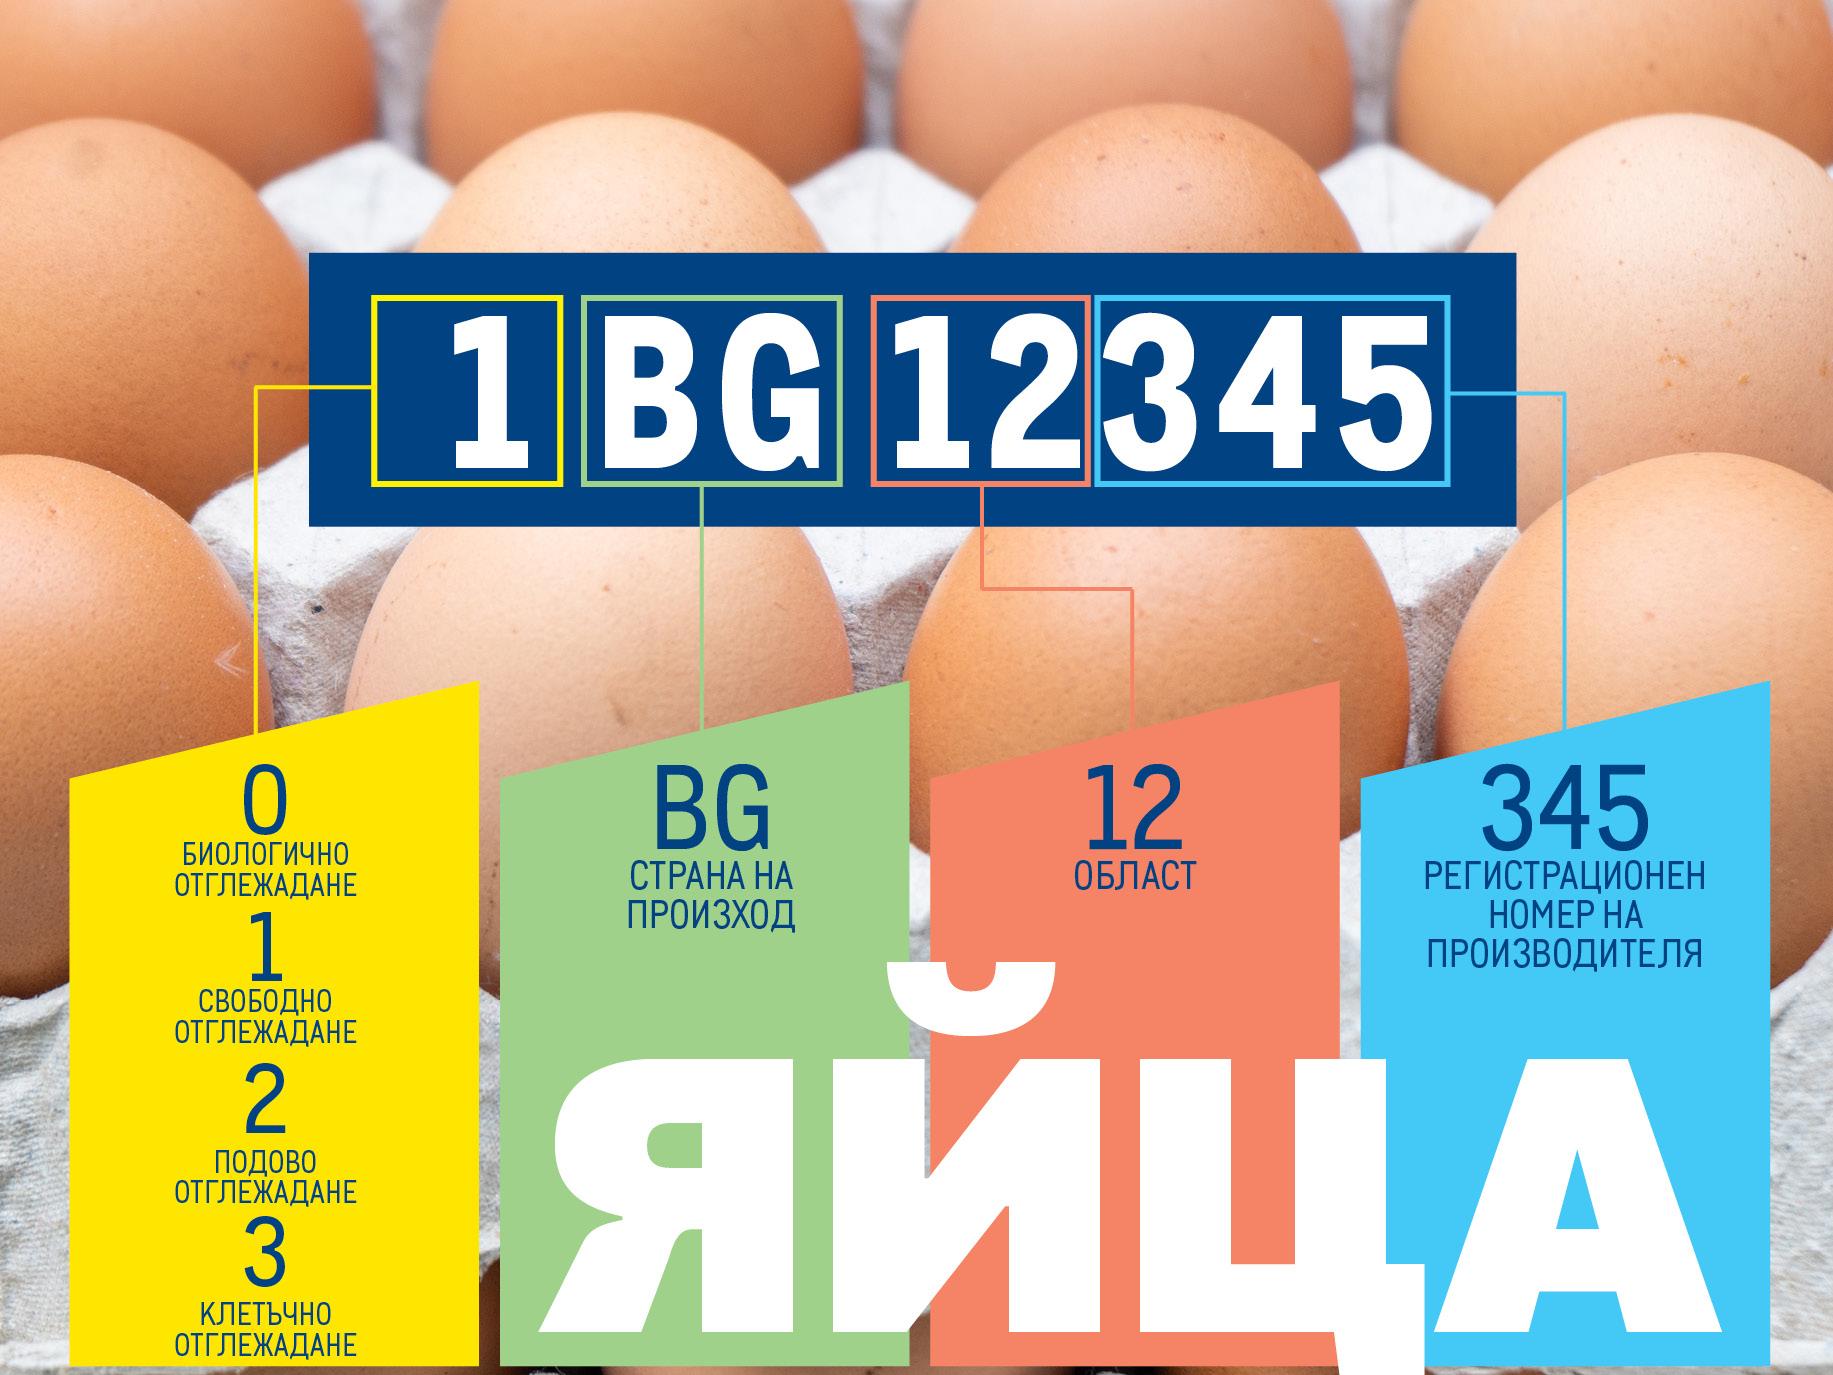 Етичният избор на яйца: много повече от поредната покупка